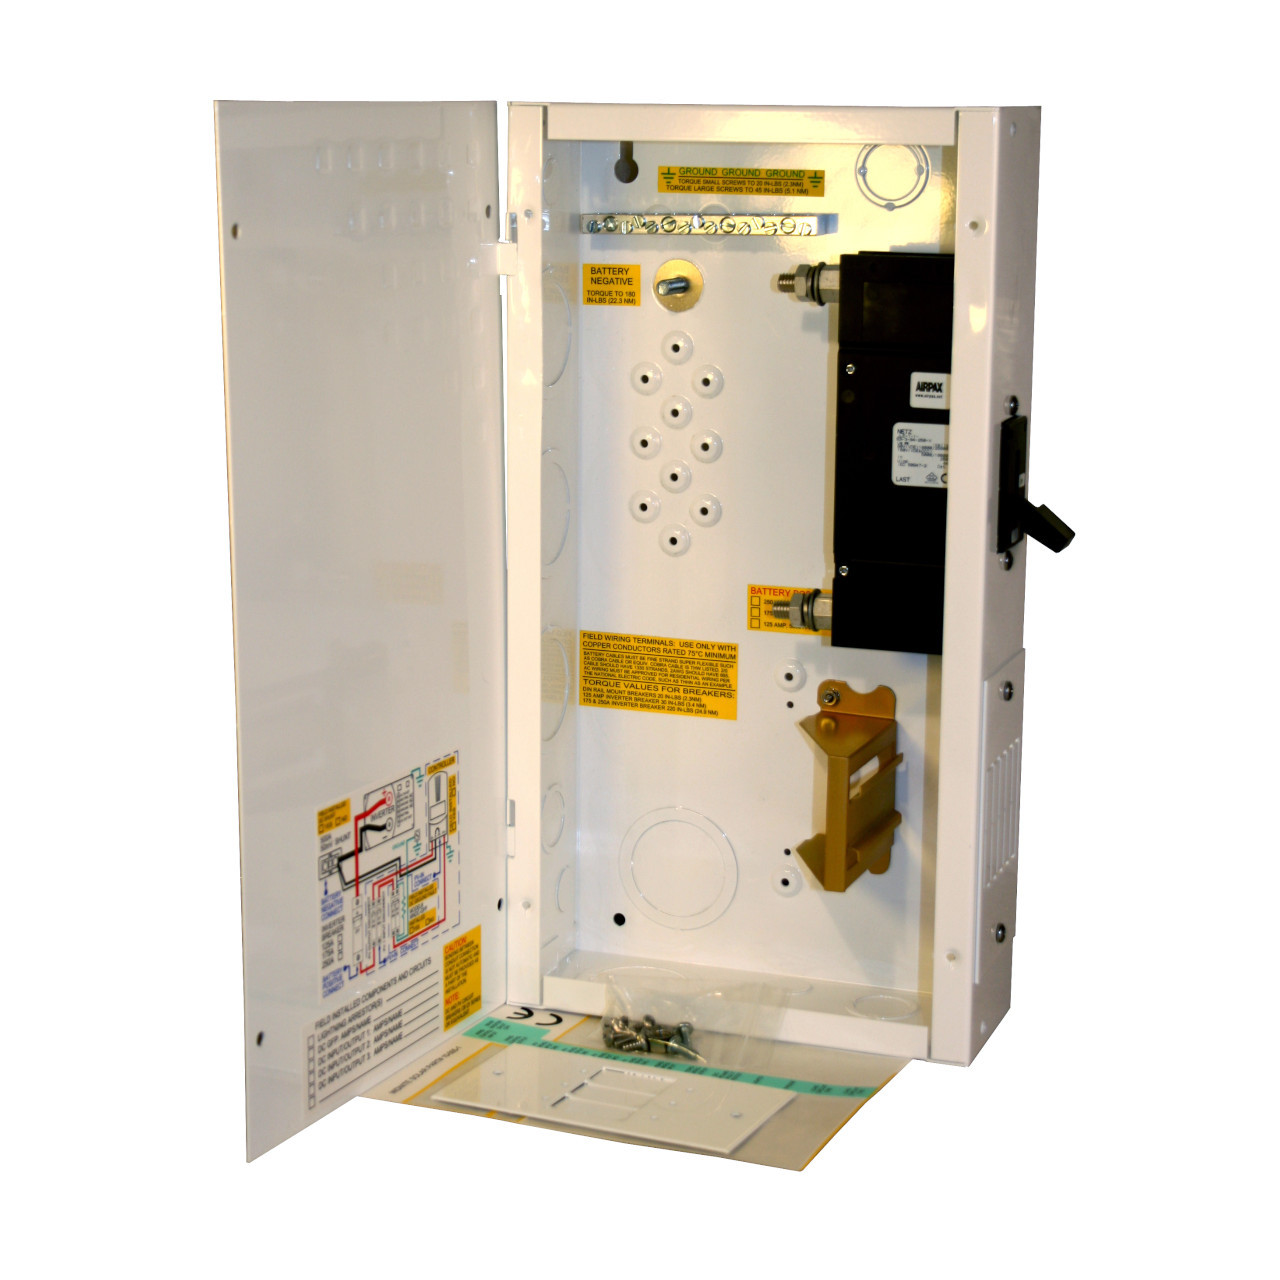 MidNite  Solar - MNDC125 DC Disconnect, Breaker Box